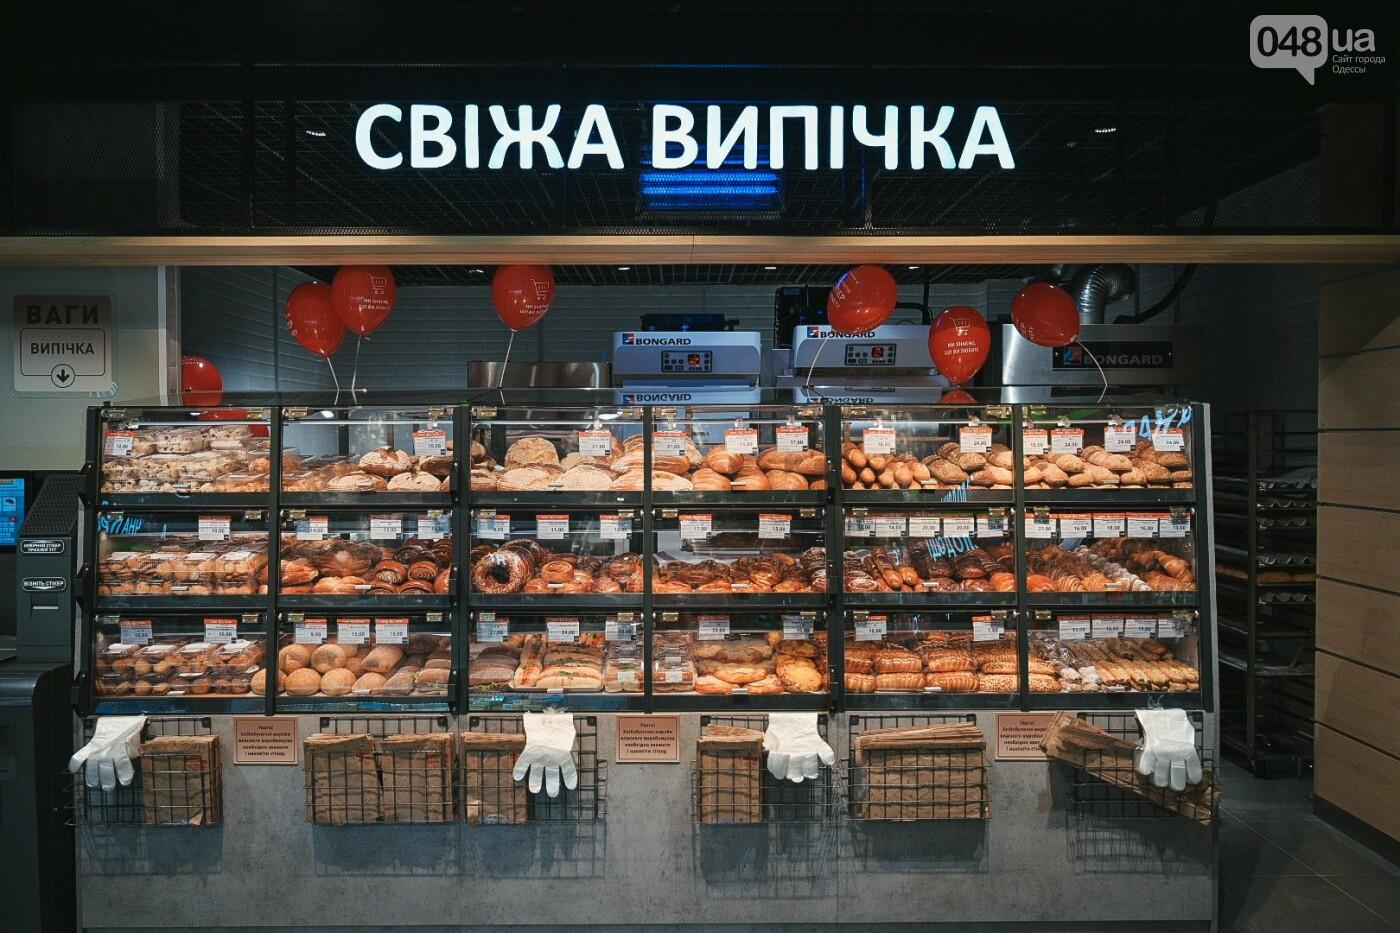 Напередодні великодніх і травневих свят компанія «Таврия В» відкриває одночасно два магазина в Одесі, фото-7